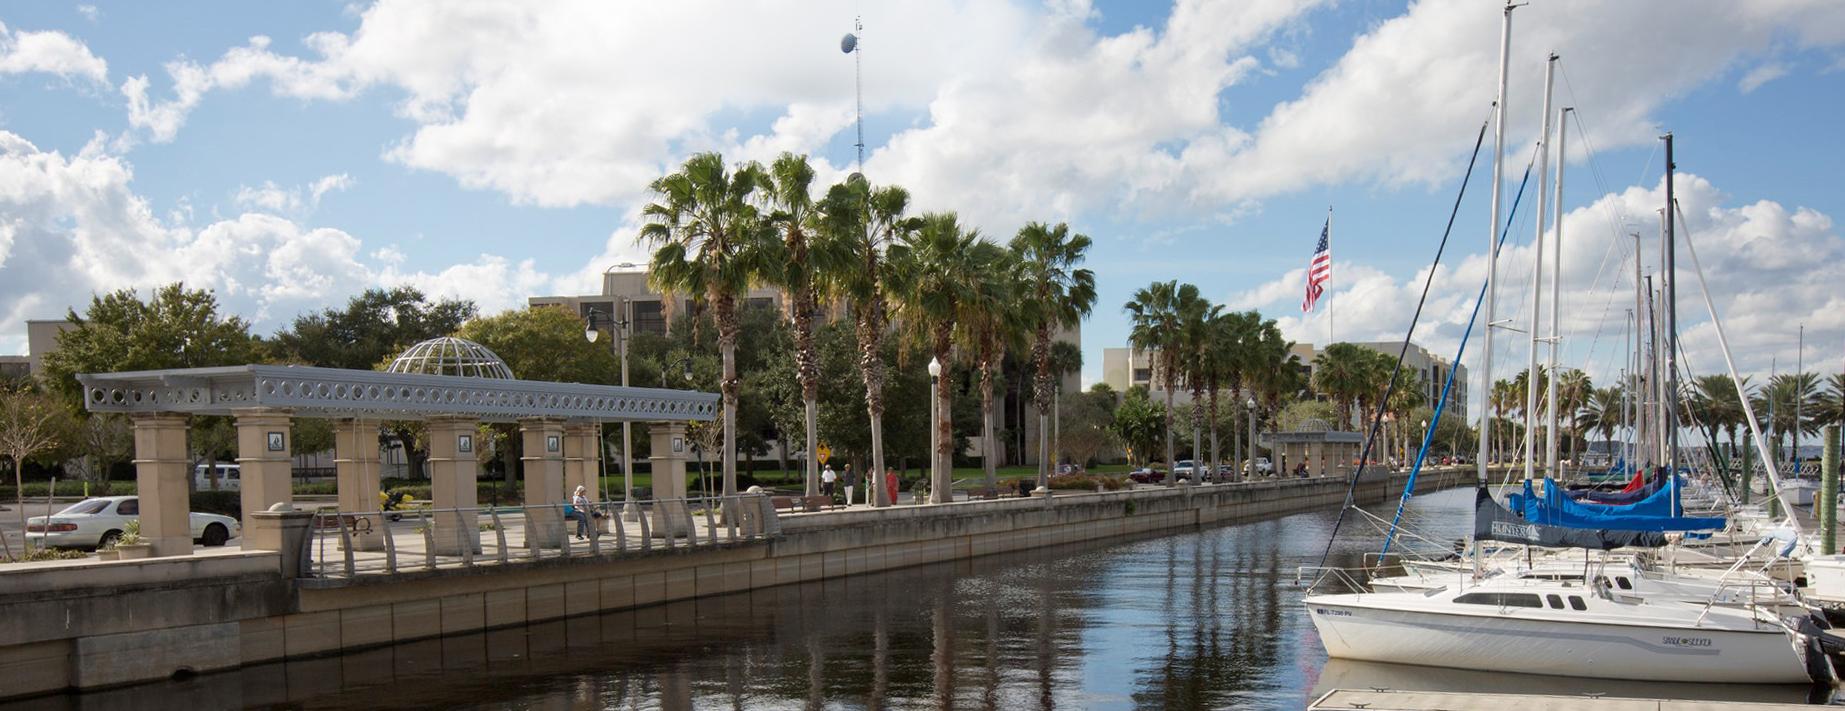 Sanford, Florida - Waterfront